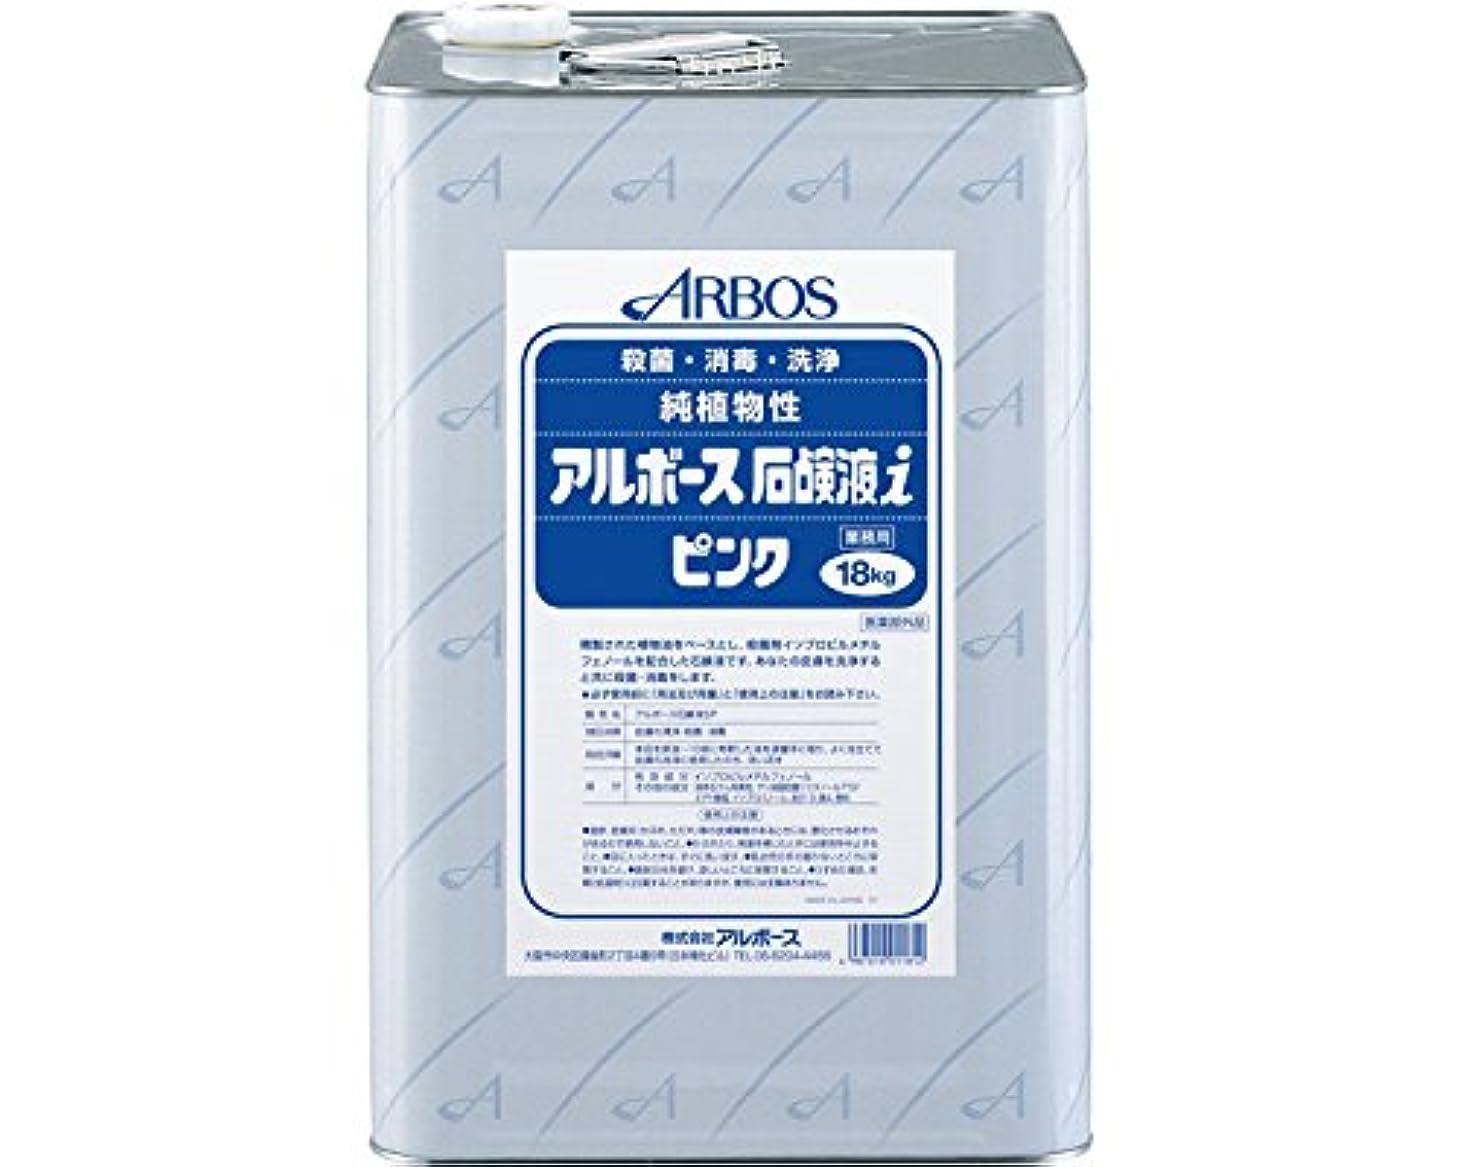 キャプテン乳製品考案するアルボース石鹸液i ピンク 18kg (アルボース)